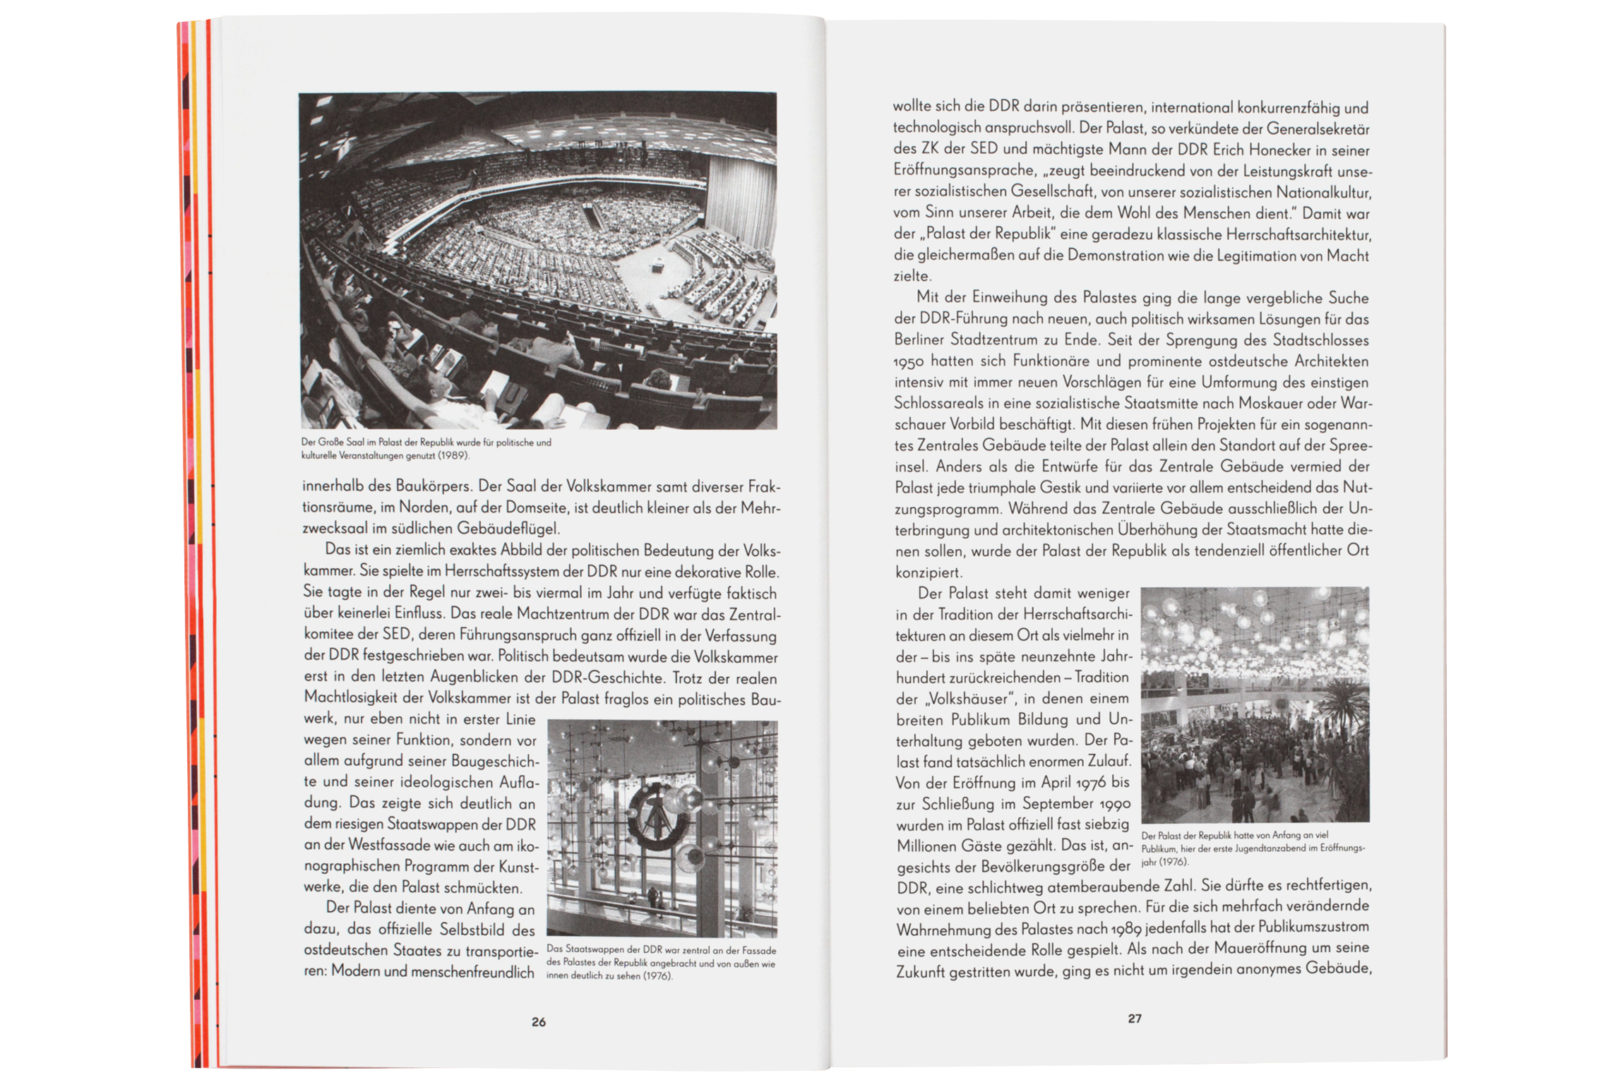 http://e-o-t.de/wordpress/wp-content/uploads/2017/04/eot-2016-PalastderRepublik-Book-9.jpg